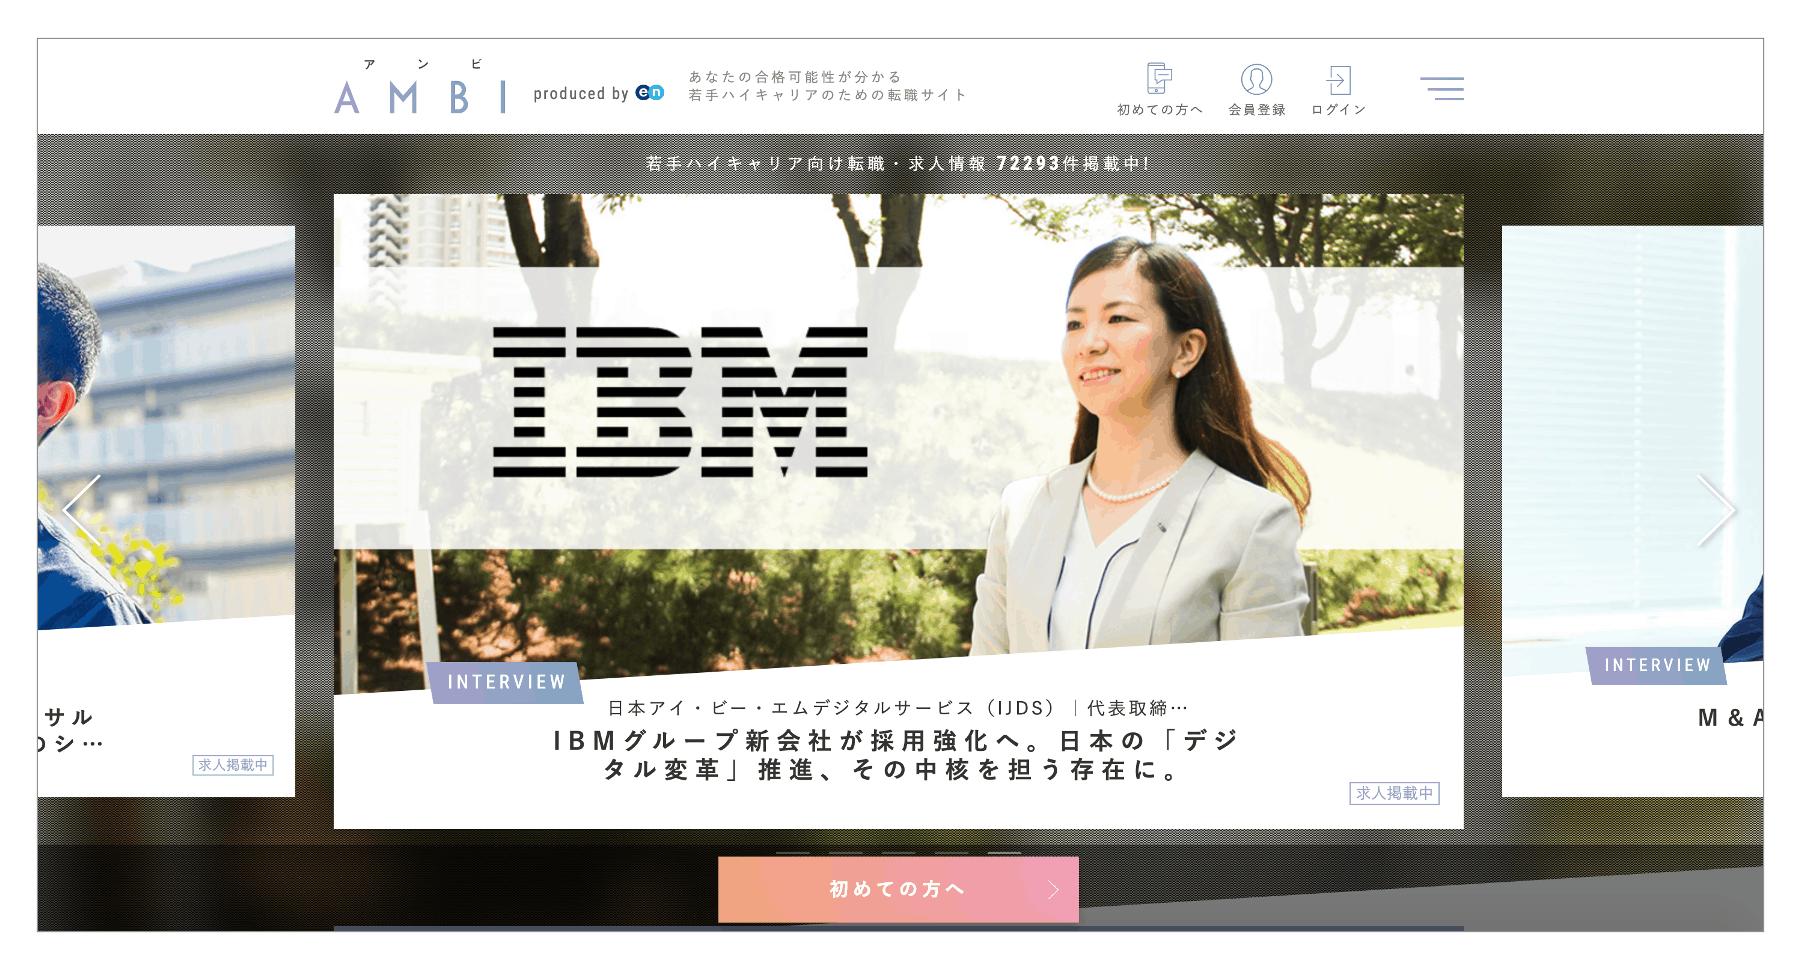 おすすめの転職サイト「AMBI」